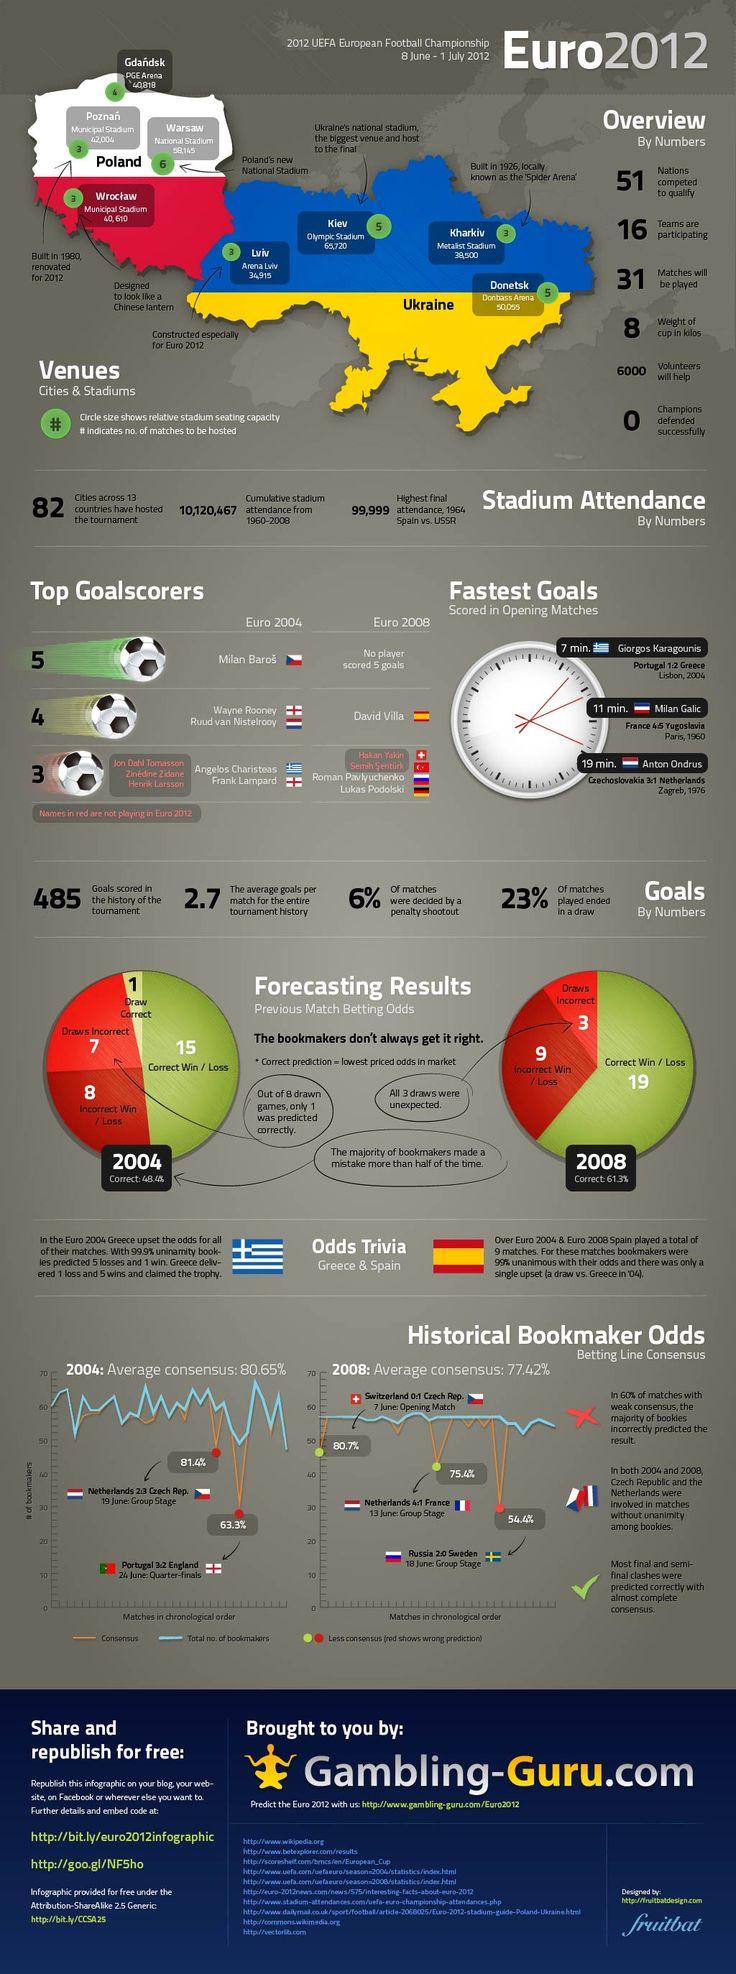 Euro2012 #infographic